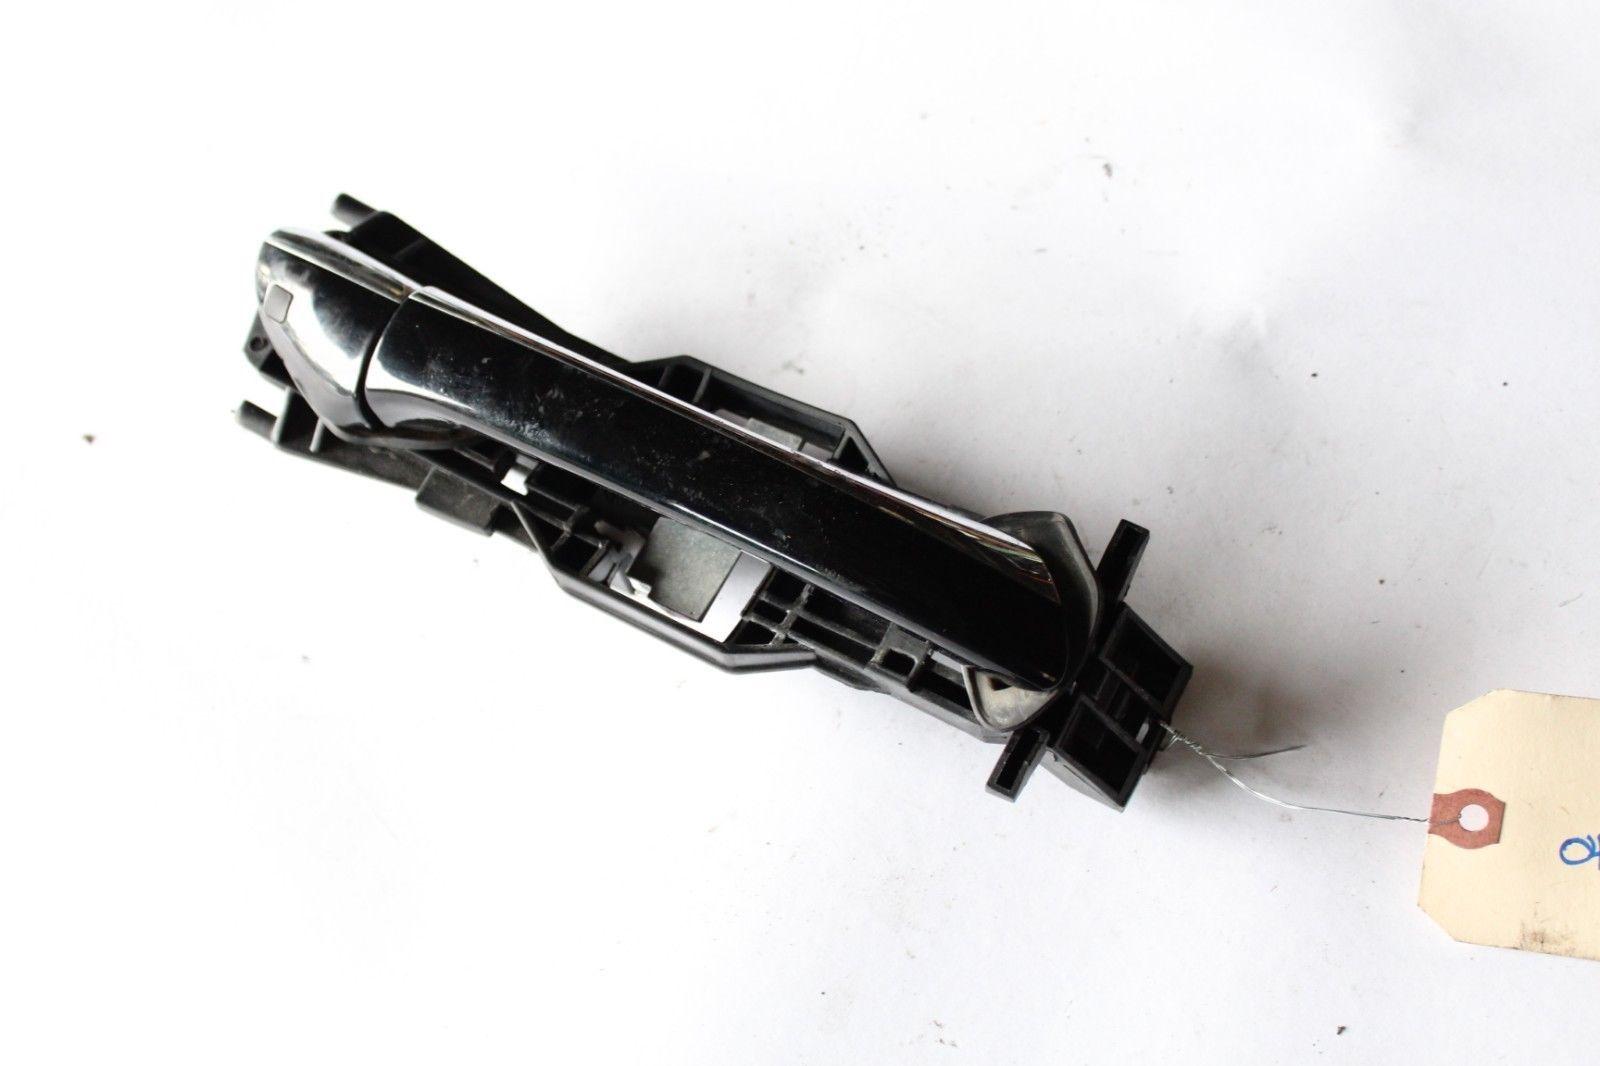 2003-2009 MERCEDES W209 CLK500 FRONT PASSENGER RIGHT EXTERIOR DOOR HANDLE J3111 - $54.44